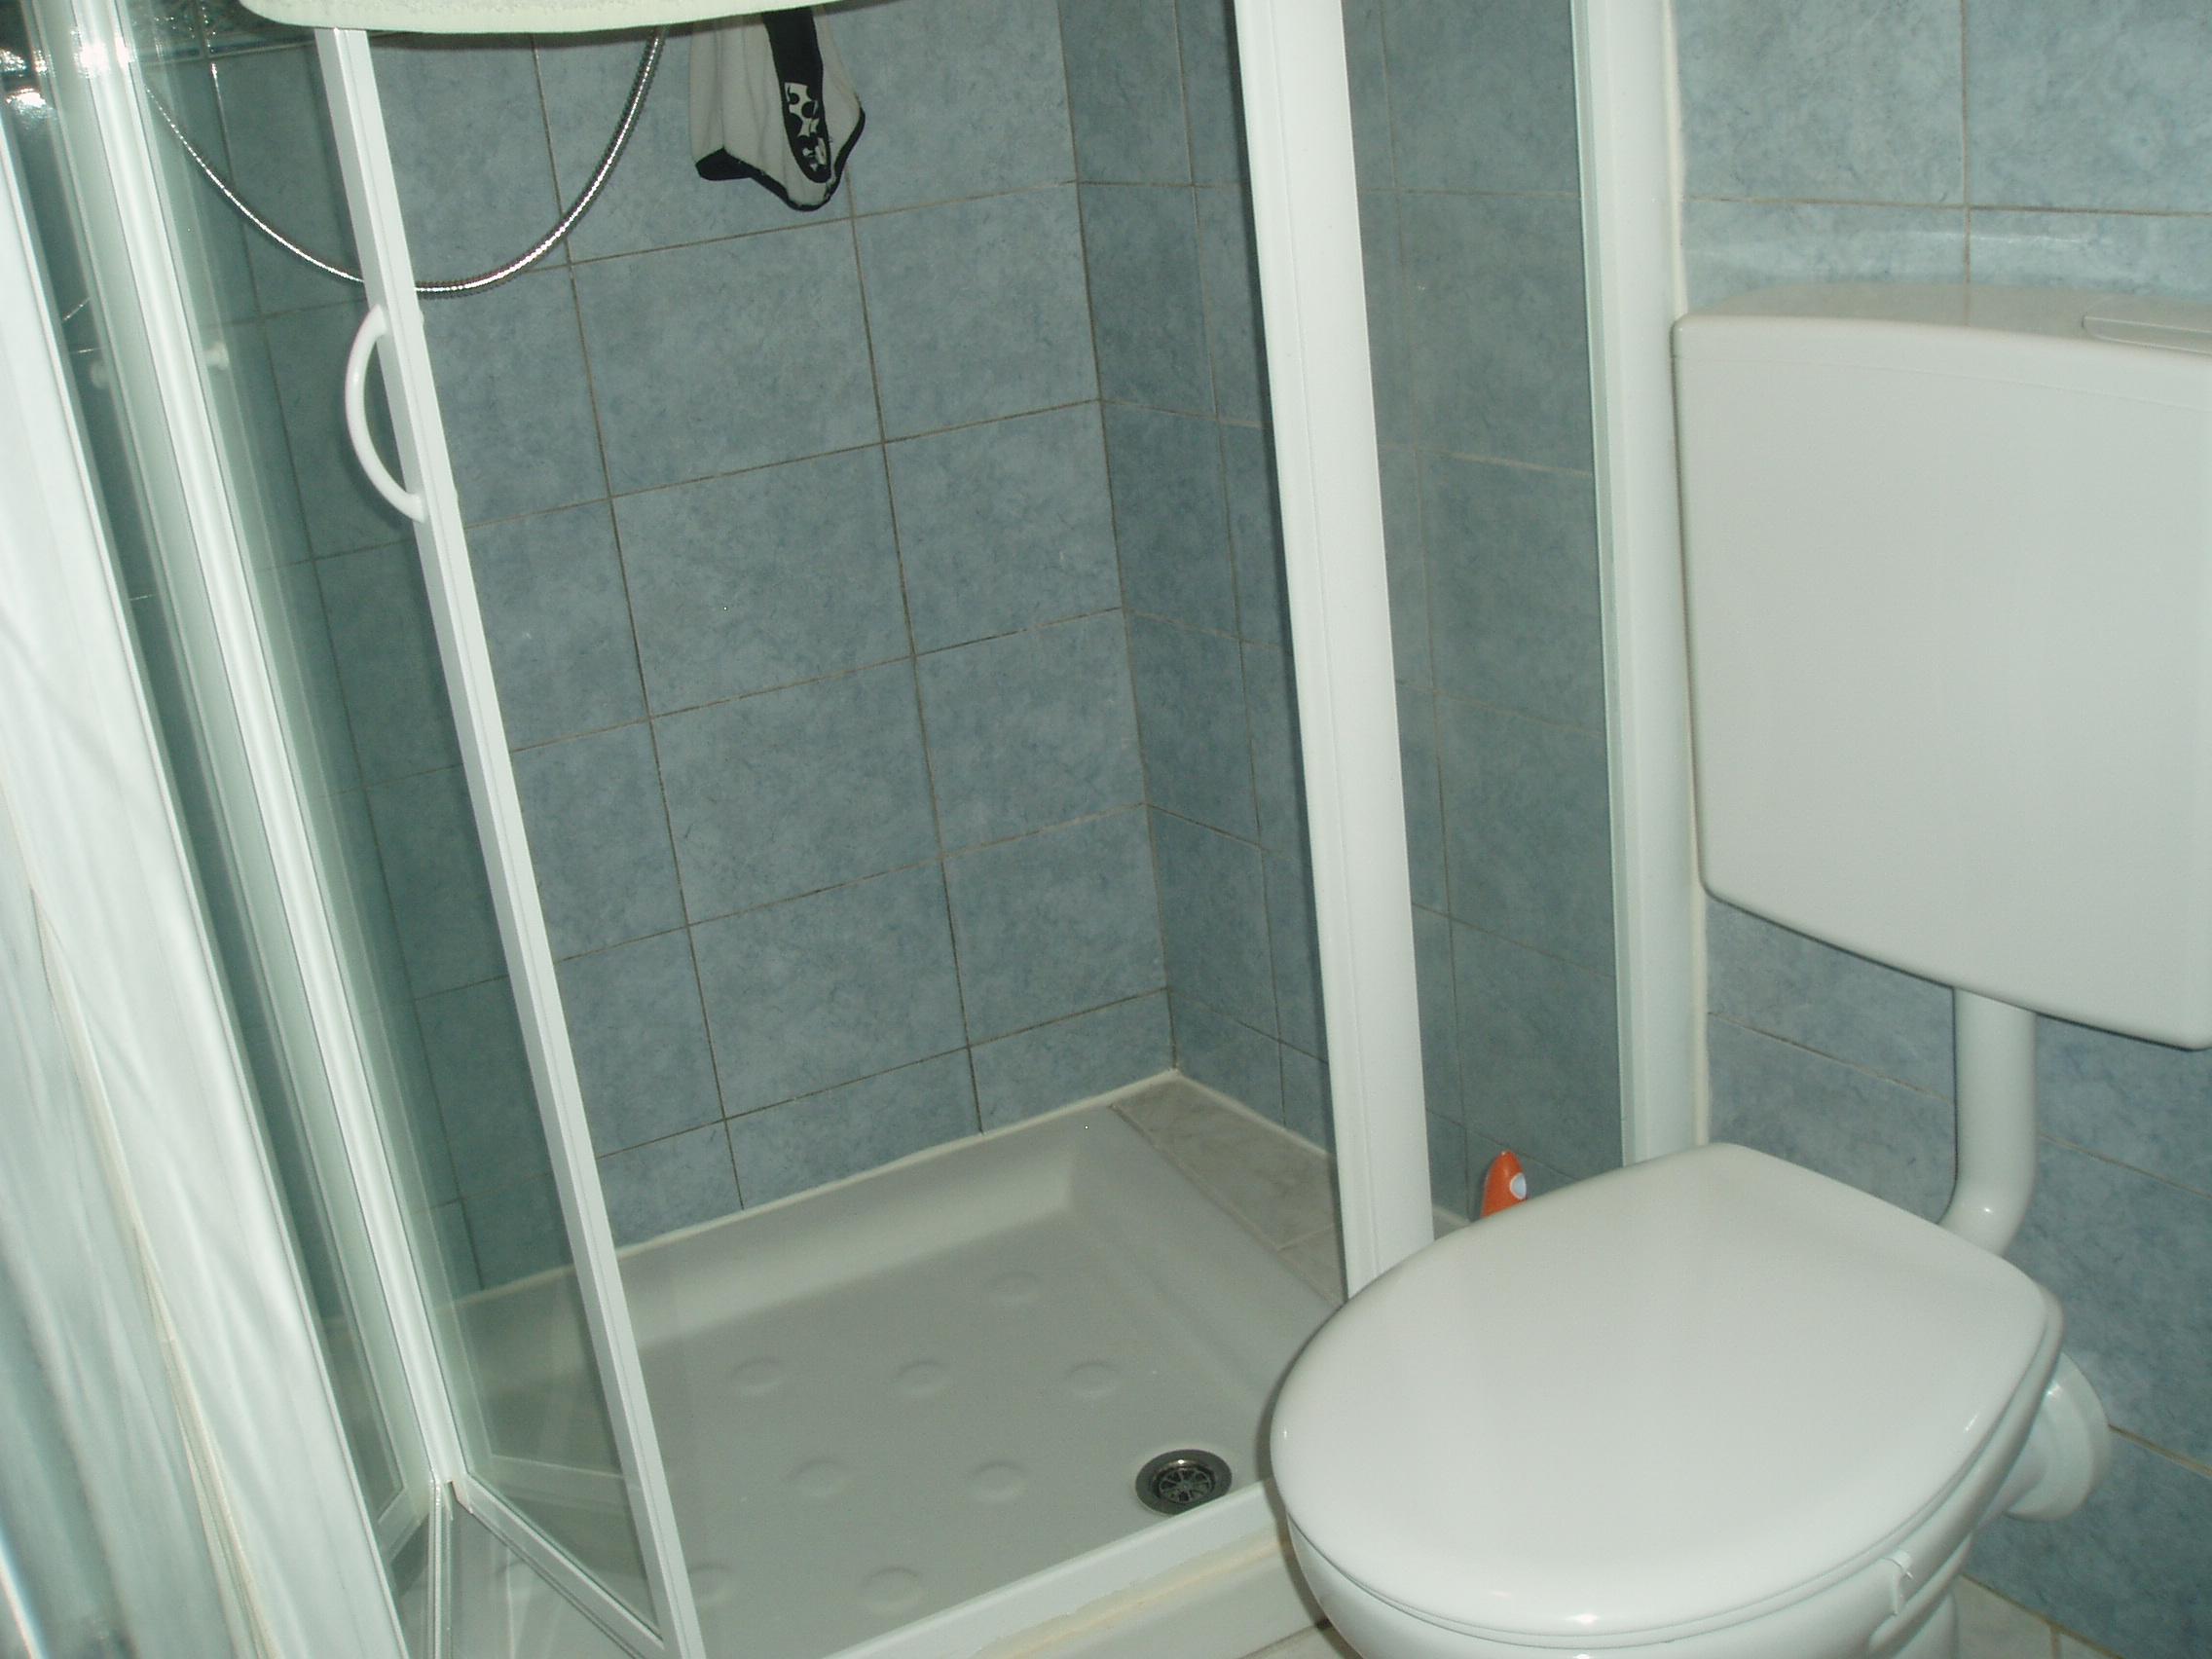 Rifacimento bagno a sanremo im ristrutturazioni in - Rifacimento bagno detrazione ...